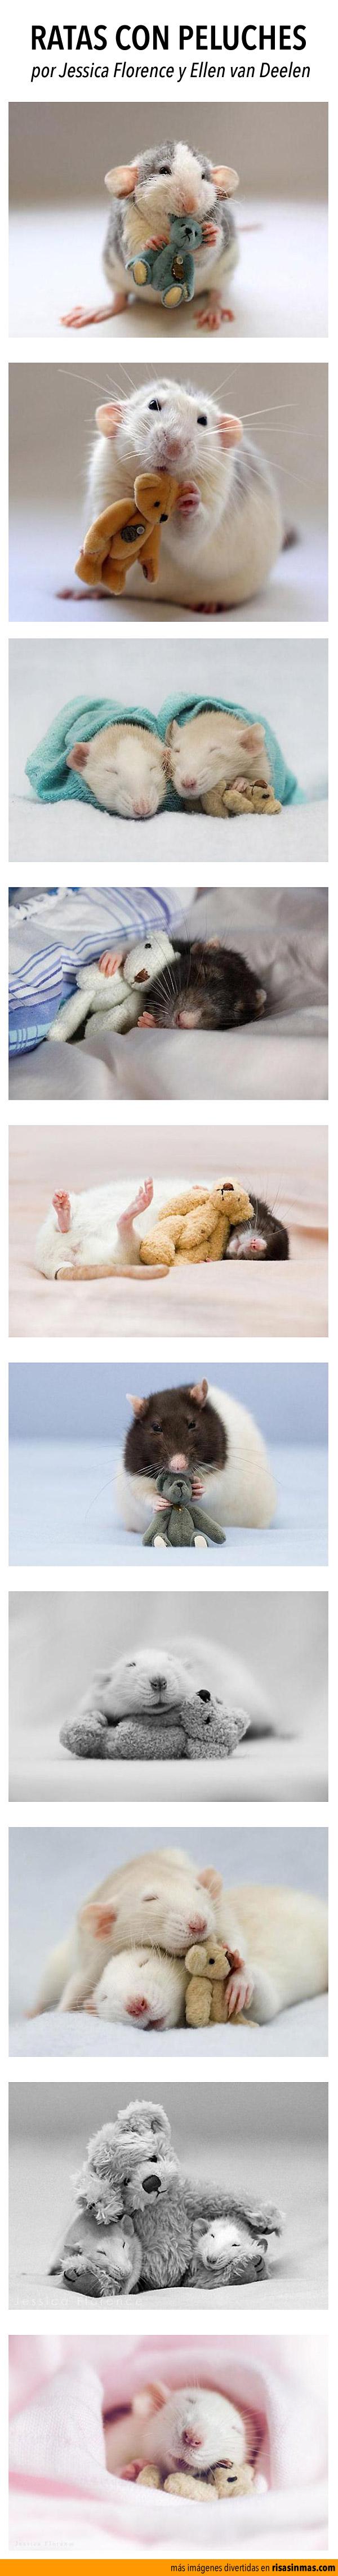 Ratas con peluches